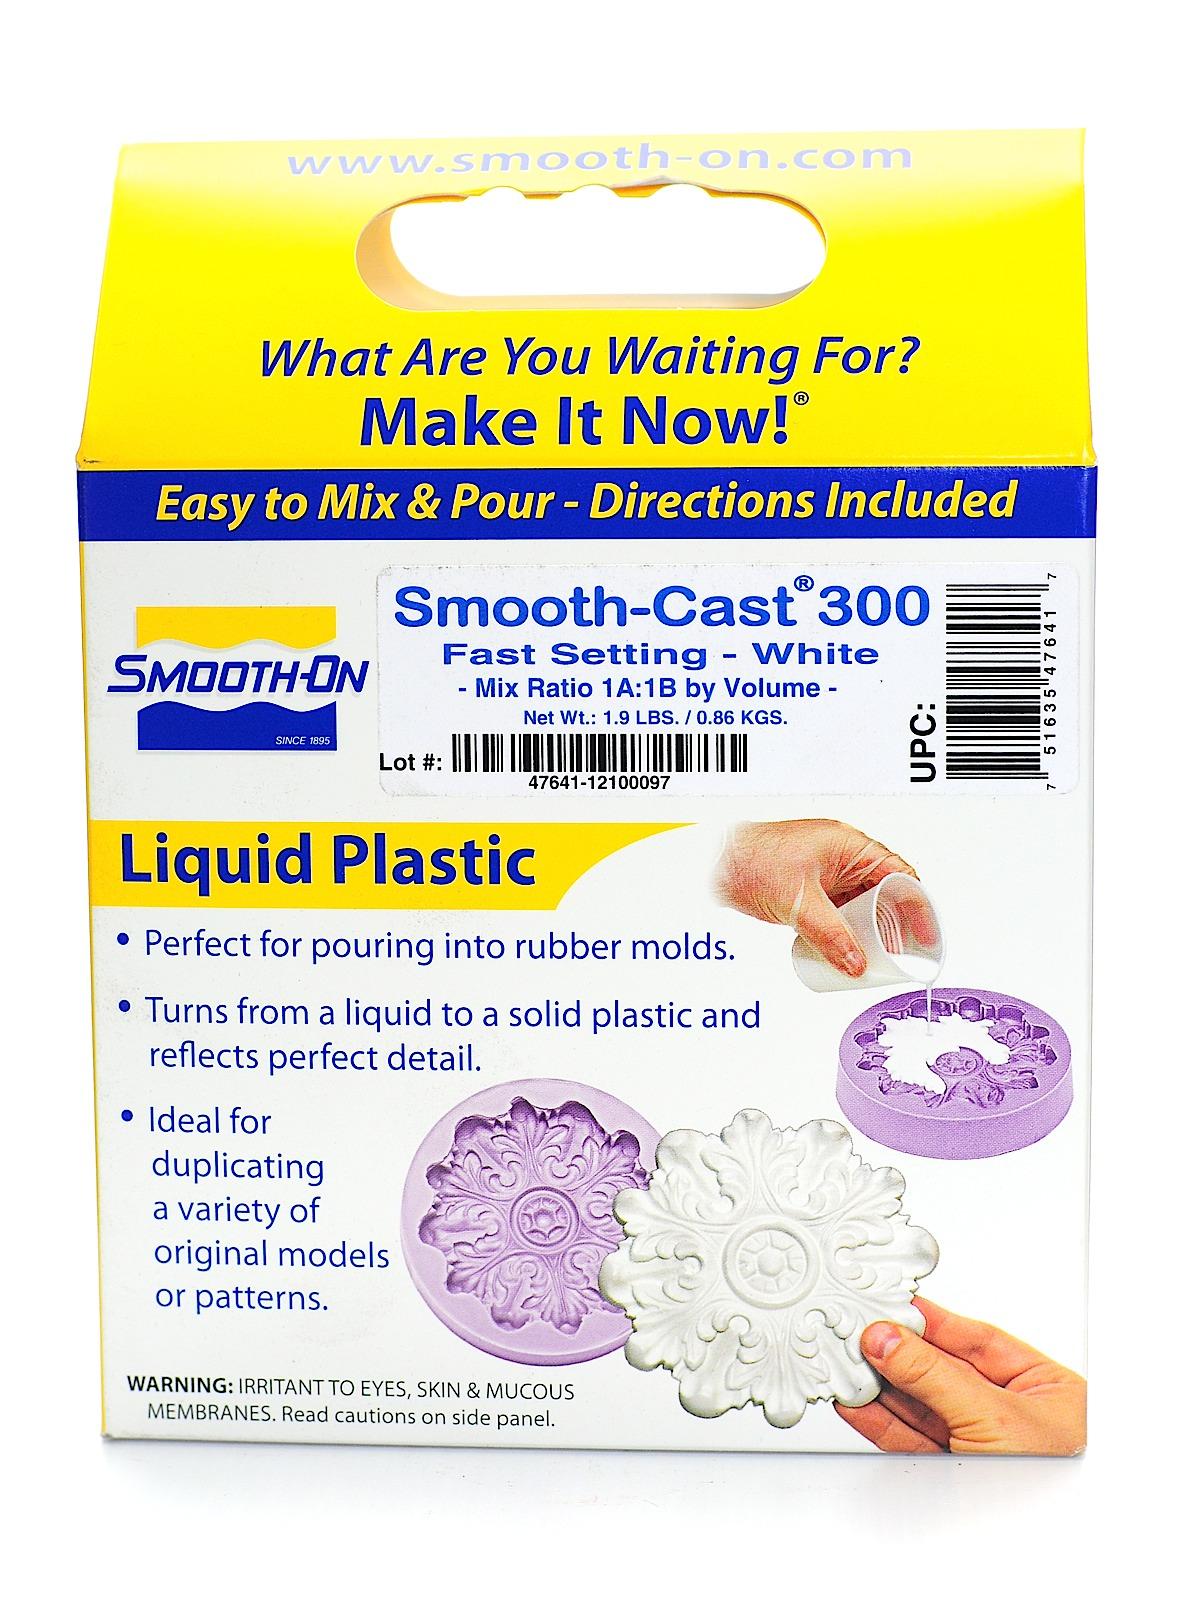 Smooth-Cast 300 Liquid Plastic Compound